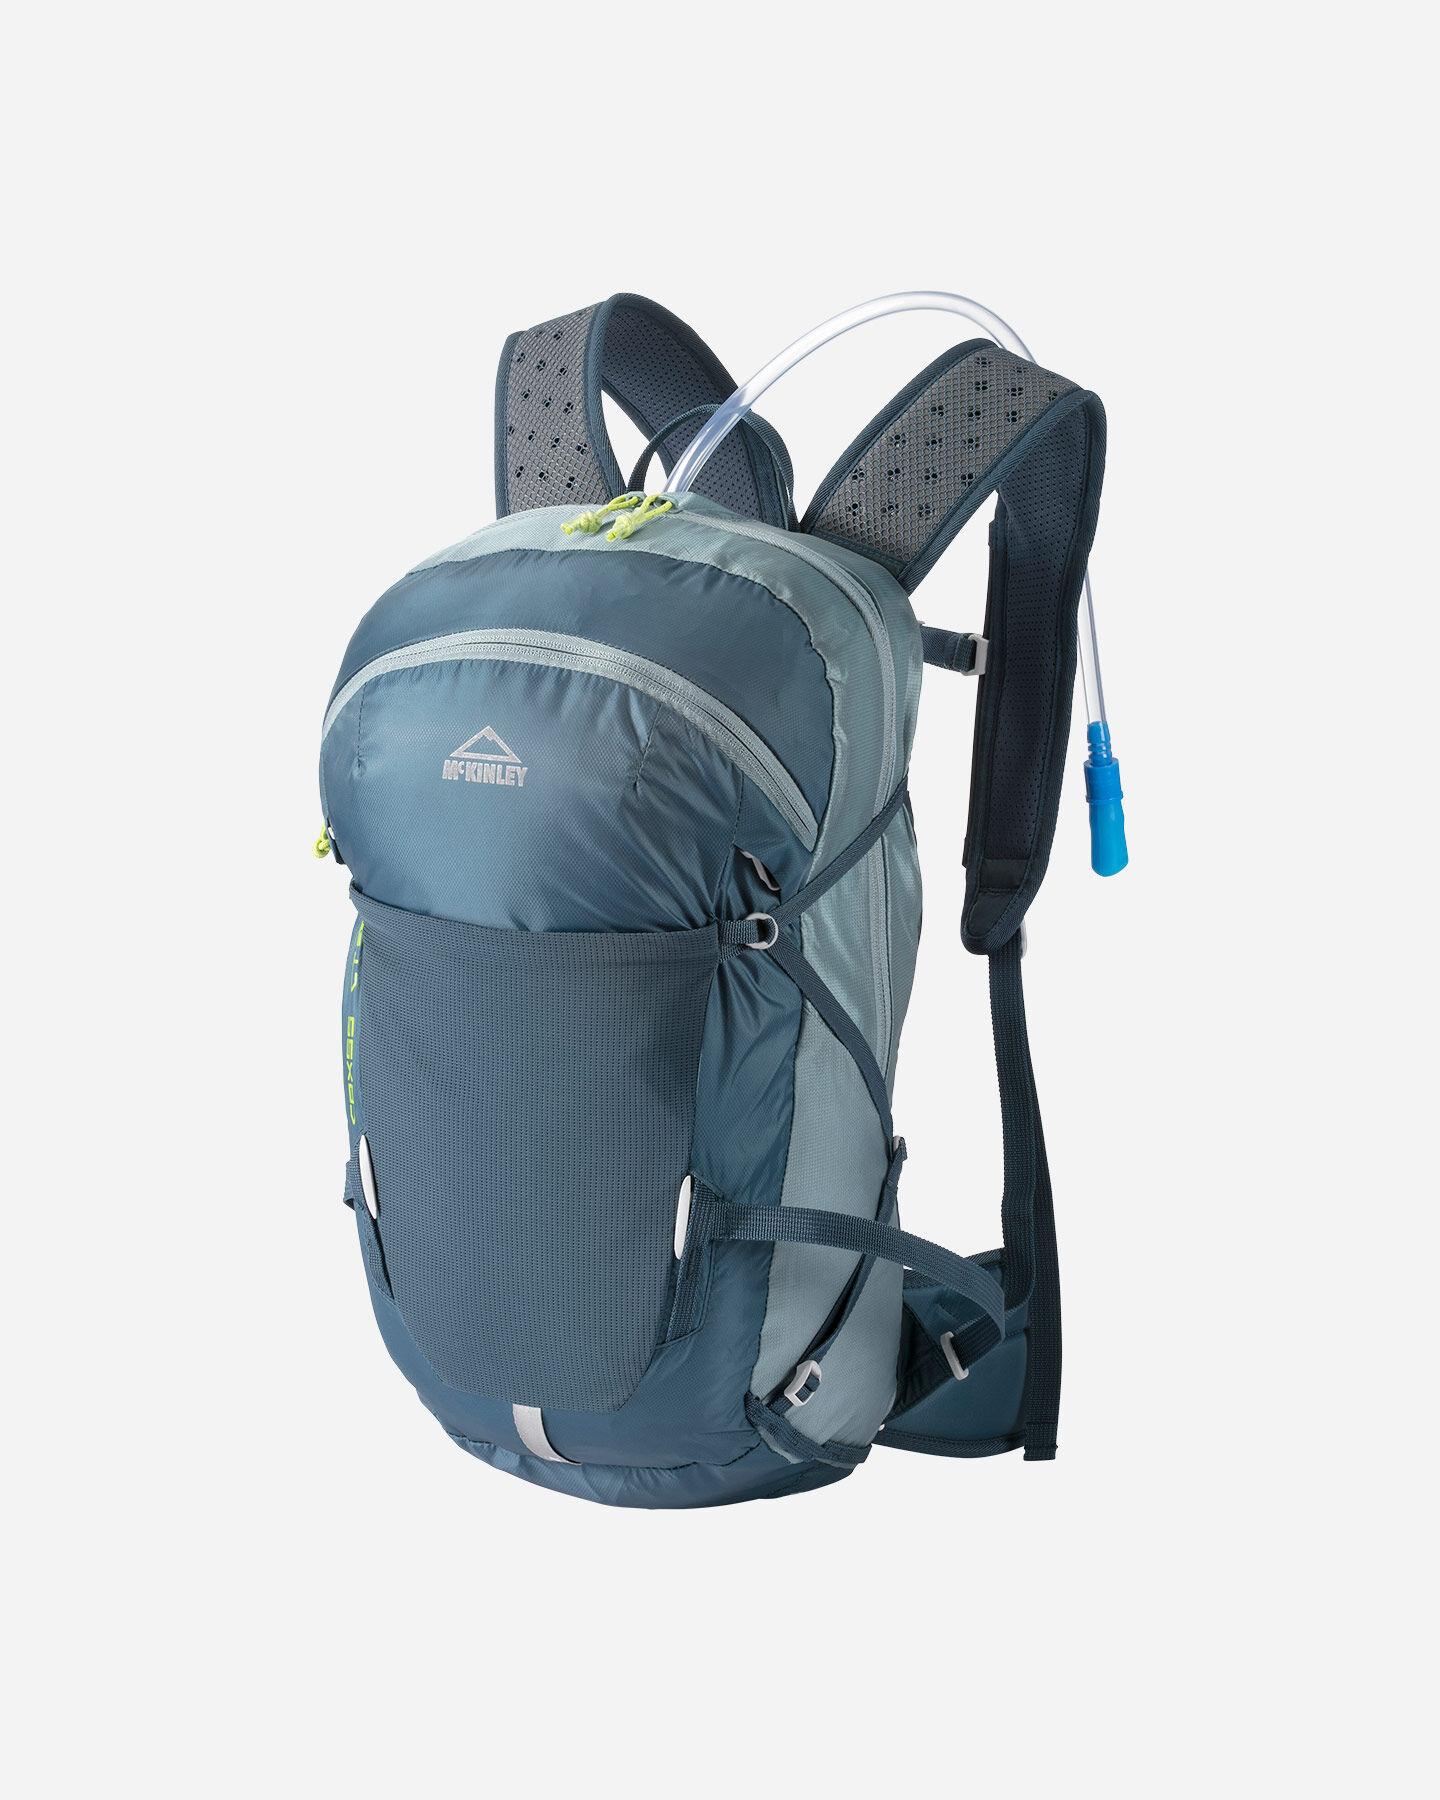 Zaino trail running MCKINLEY CRXSS CT 14 S2004602 900 14 scatto 0